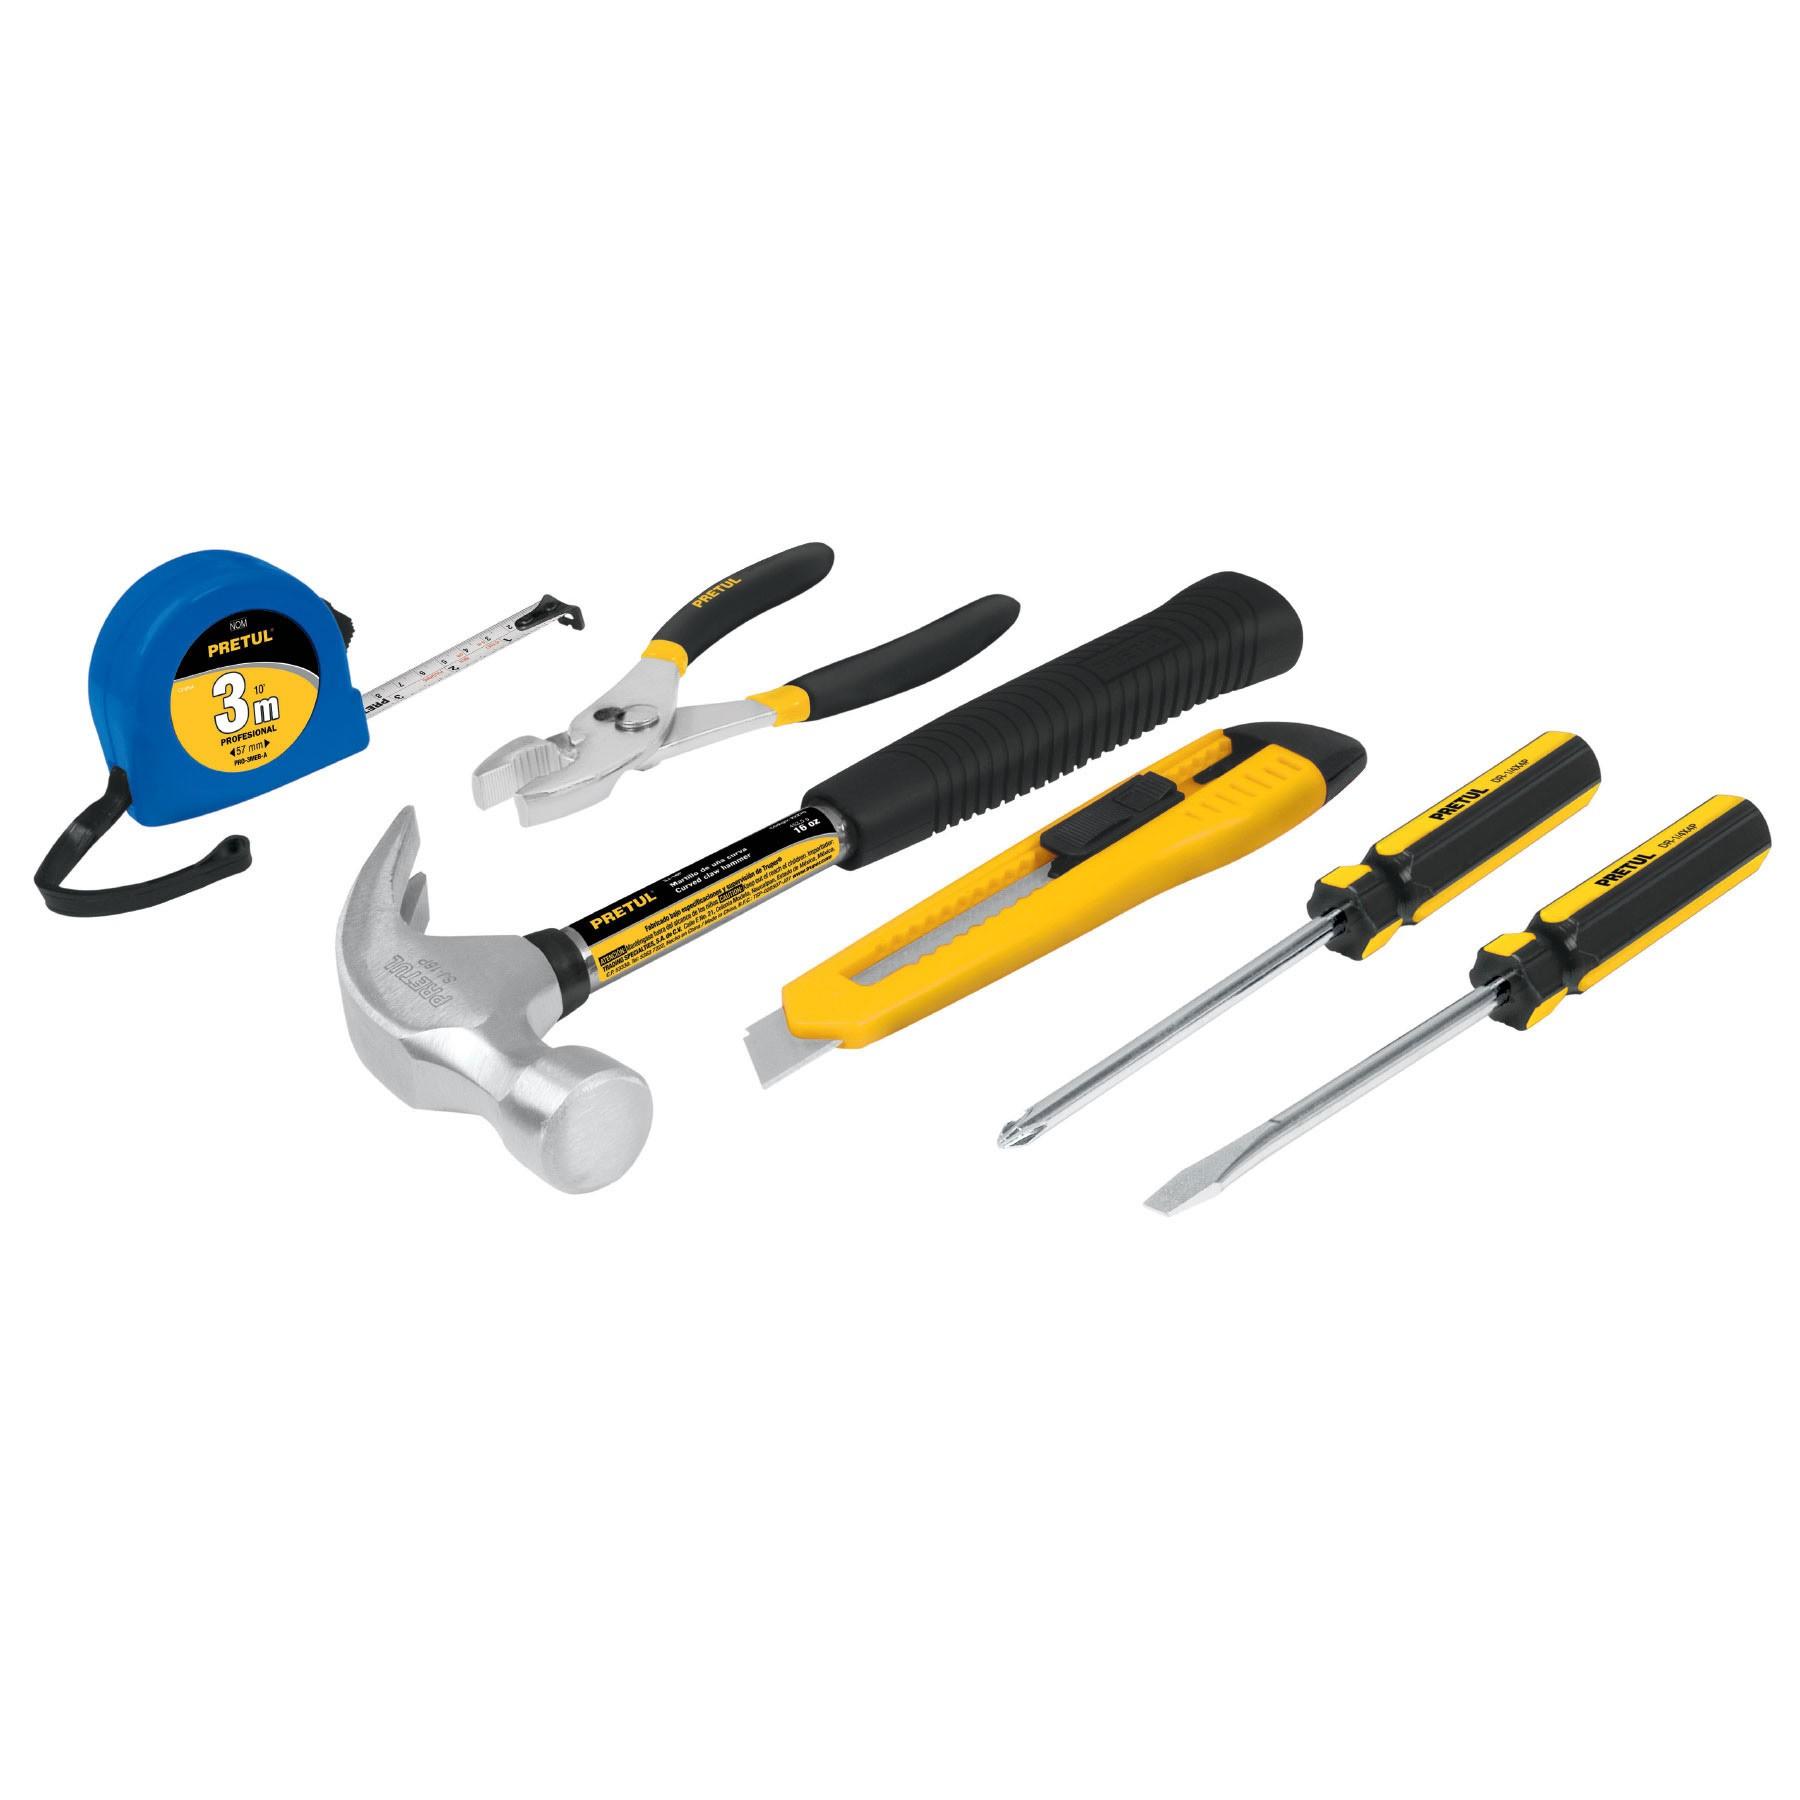 Juego casero de herramientas, 6 piezas, Pretul